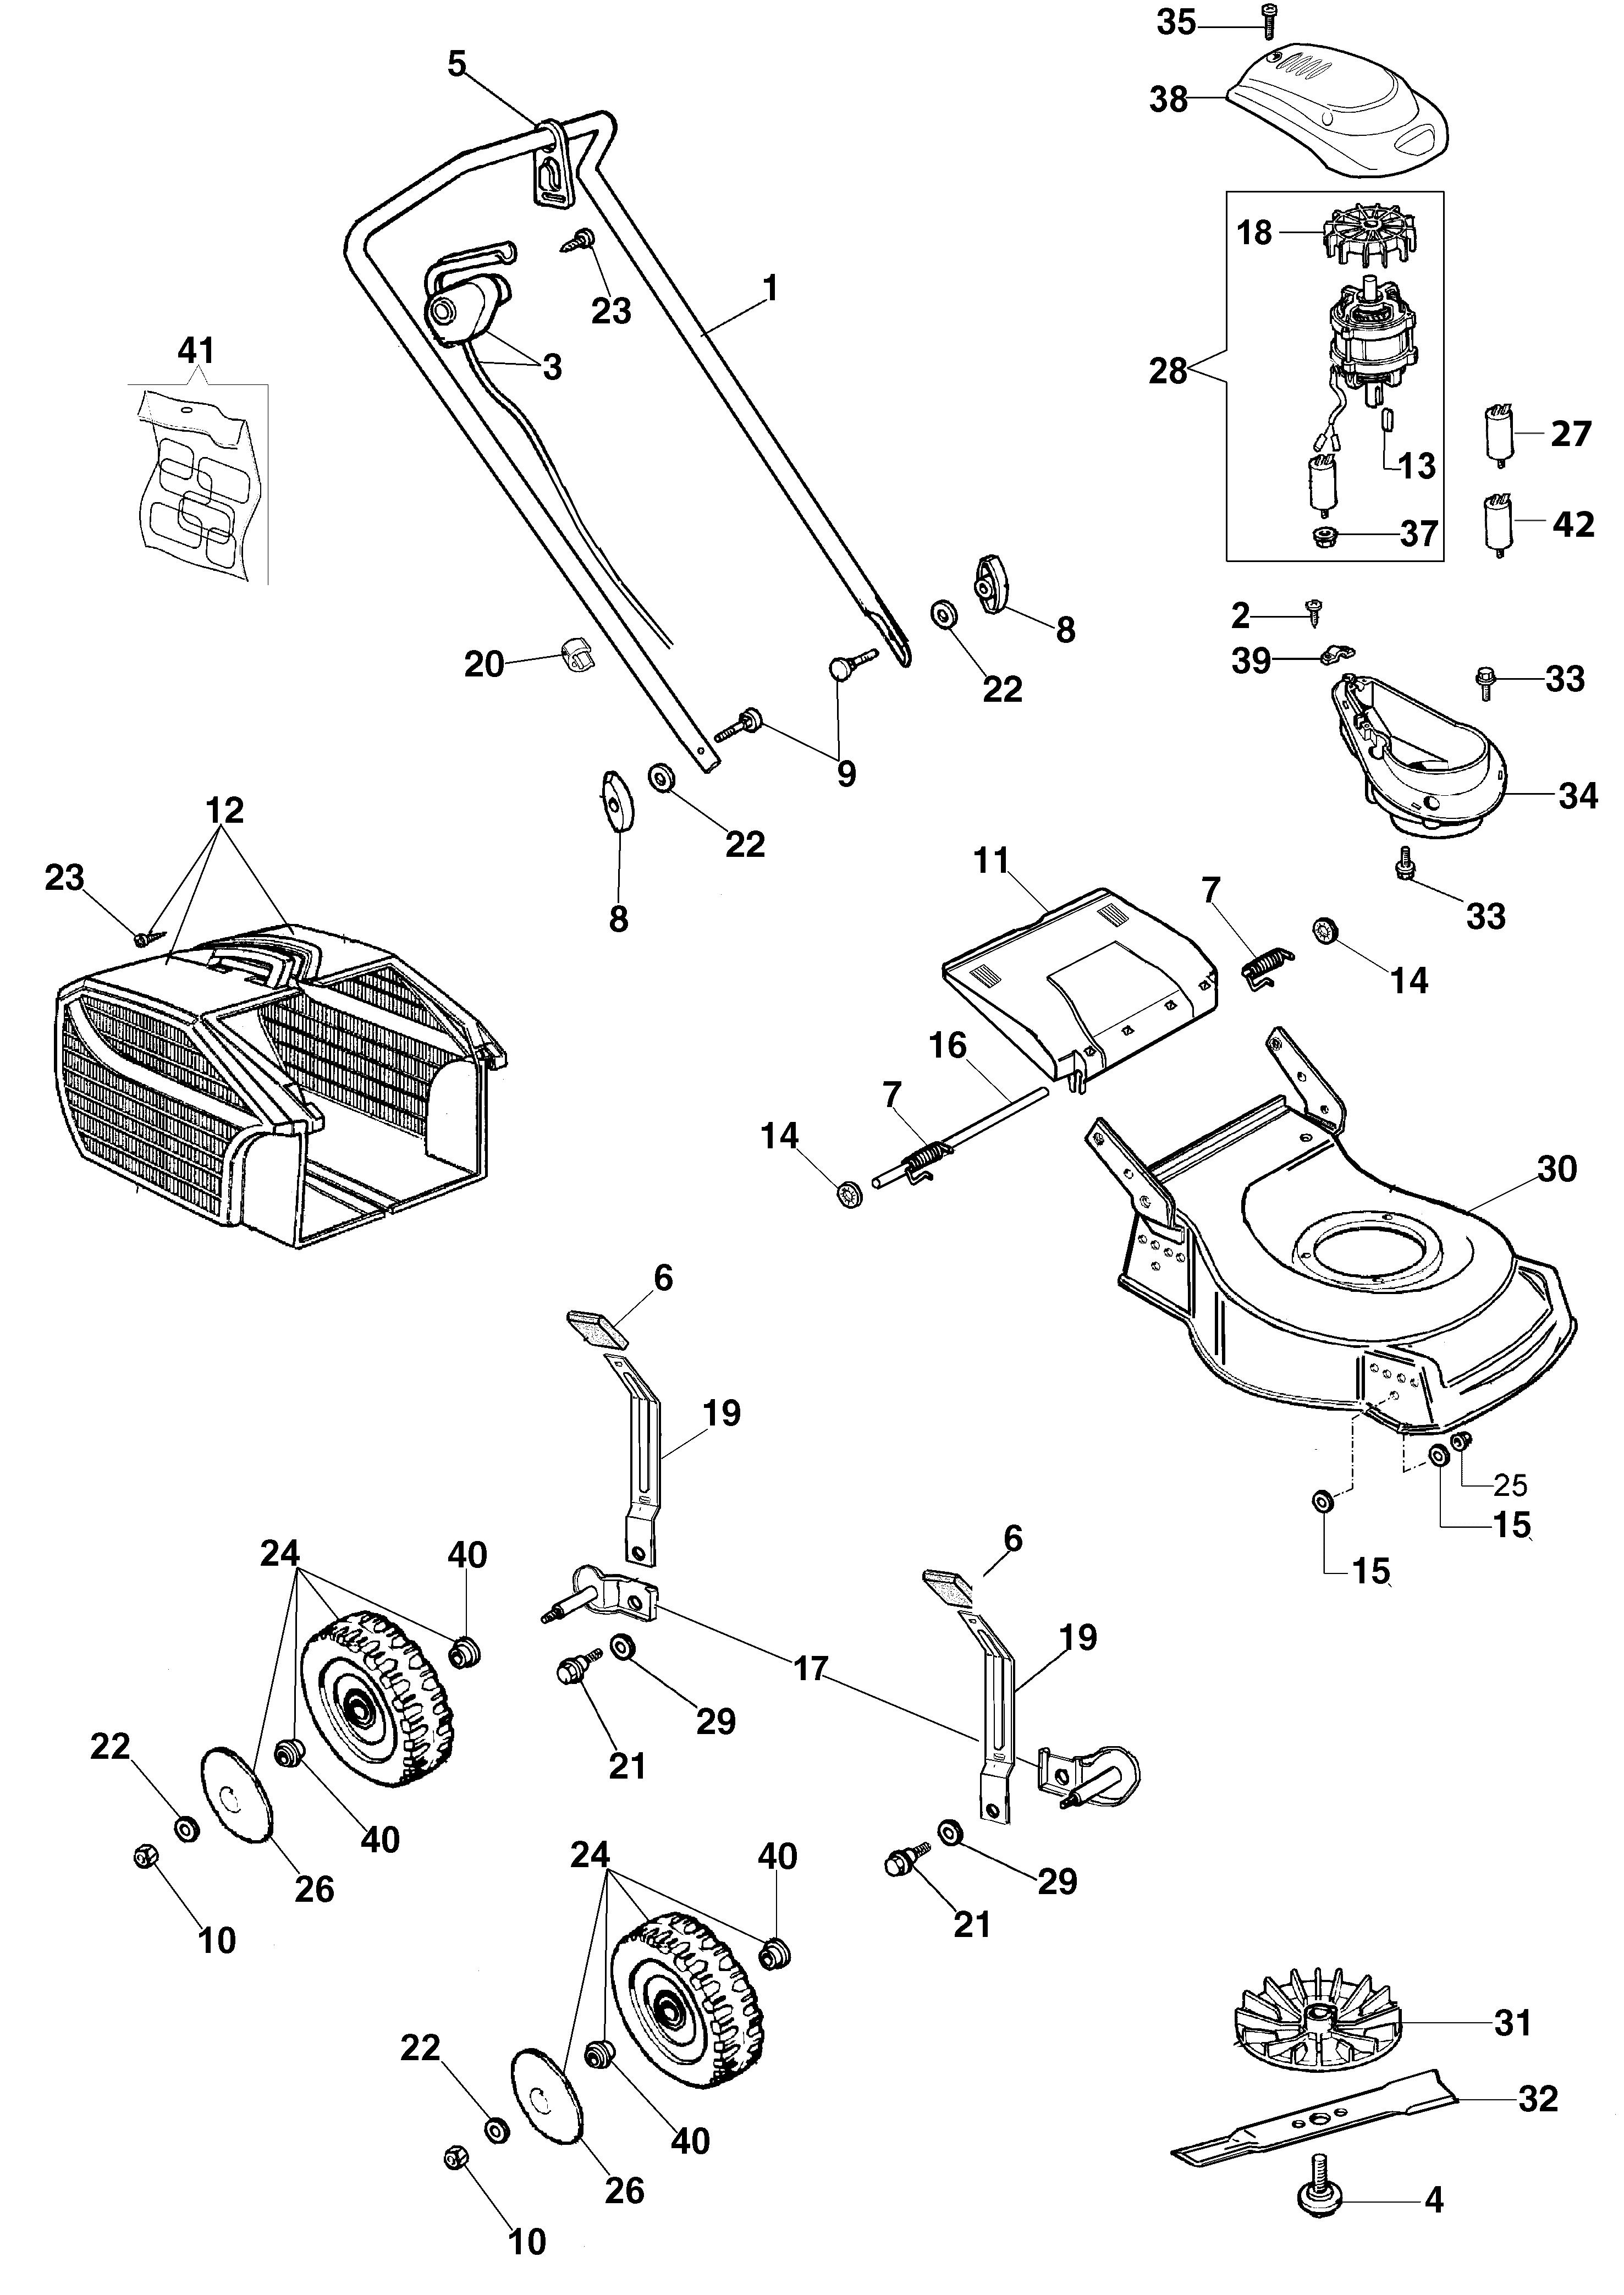 G 44 PE Tondeuse électrique oleomac Dessins pièces -  Vue éclatée complète